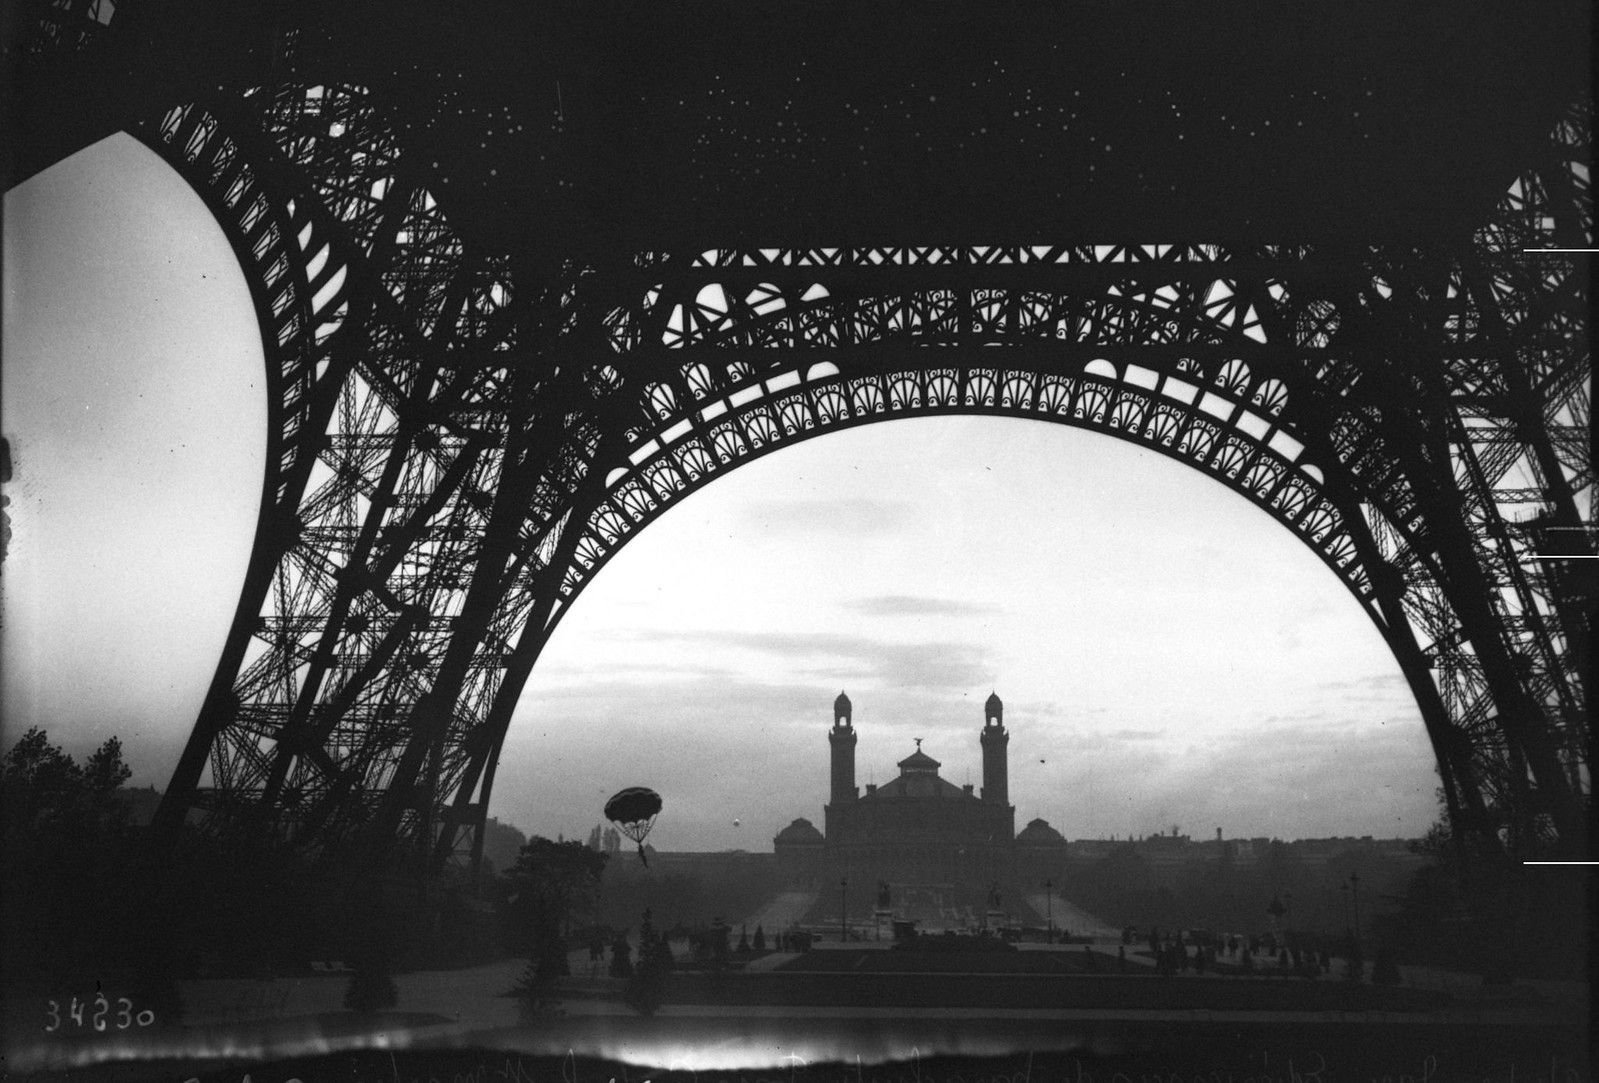 1913. Фон-Годаль и его опыт с парашютом на Сен-Мартене (вид из-под Эйфелевой башни, парашют в полете). 29 октября